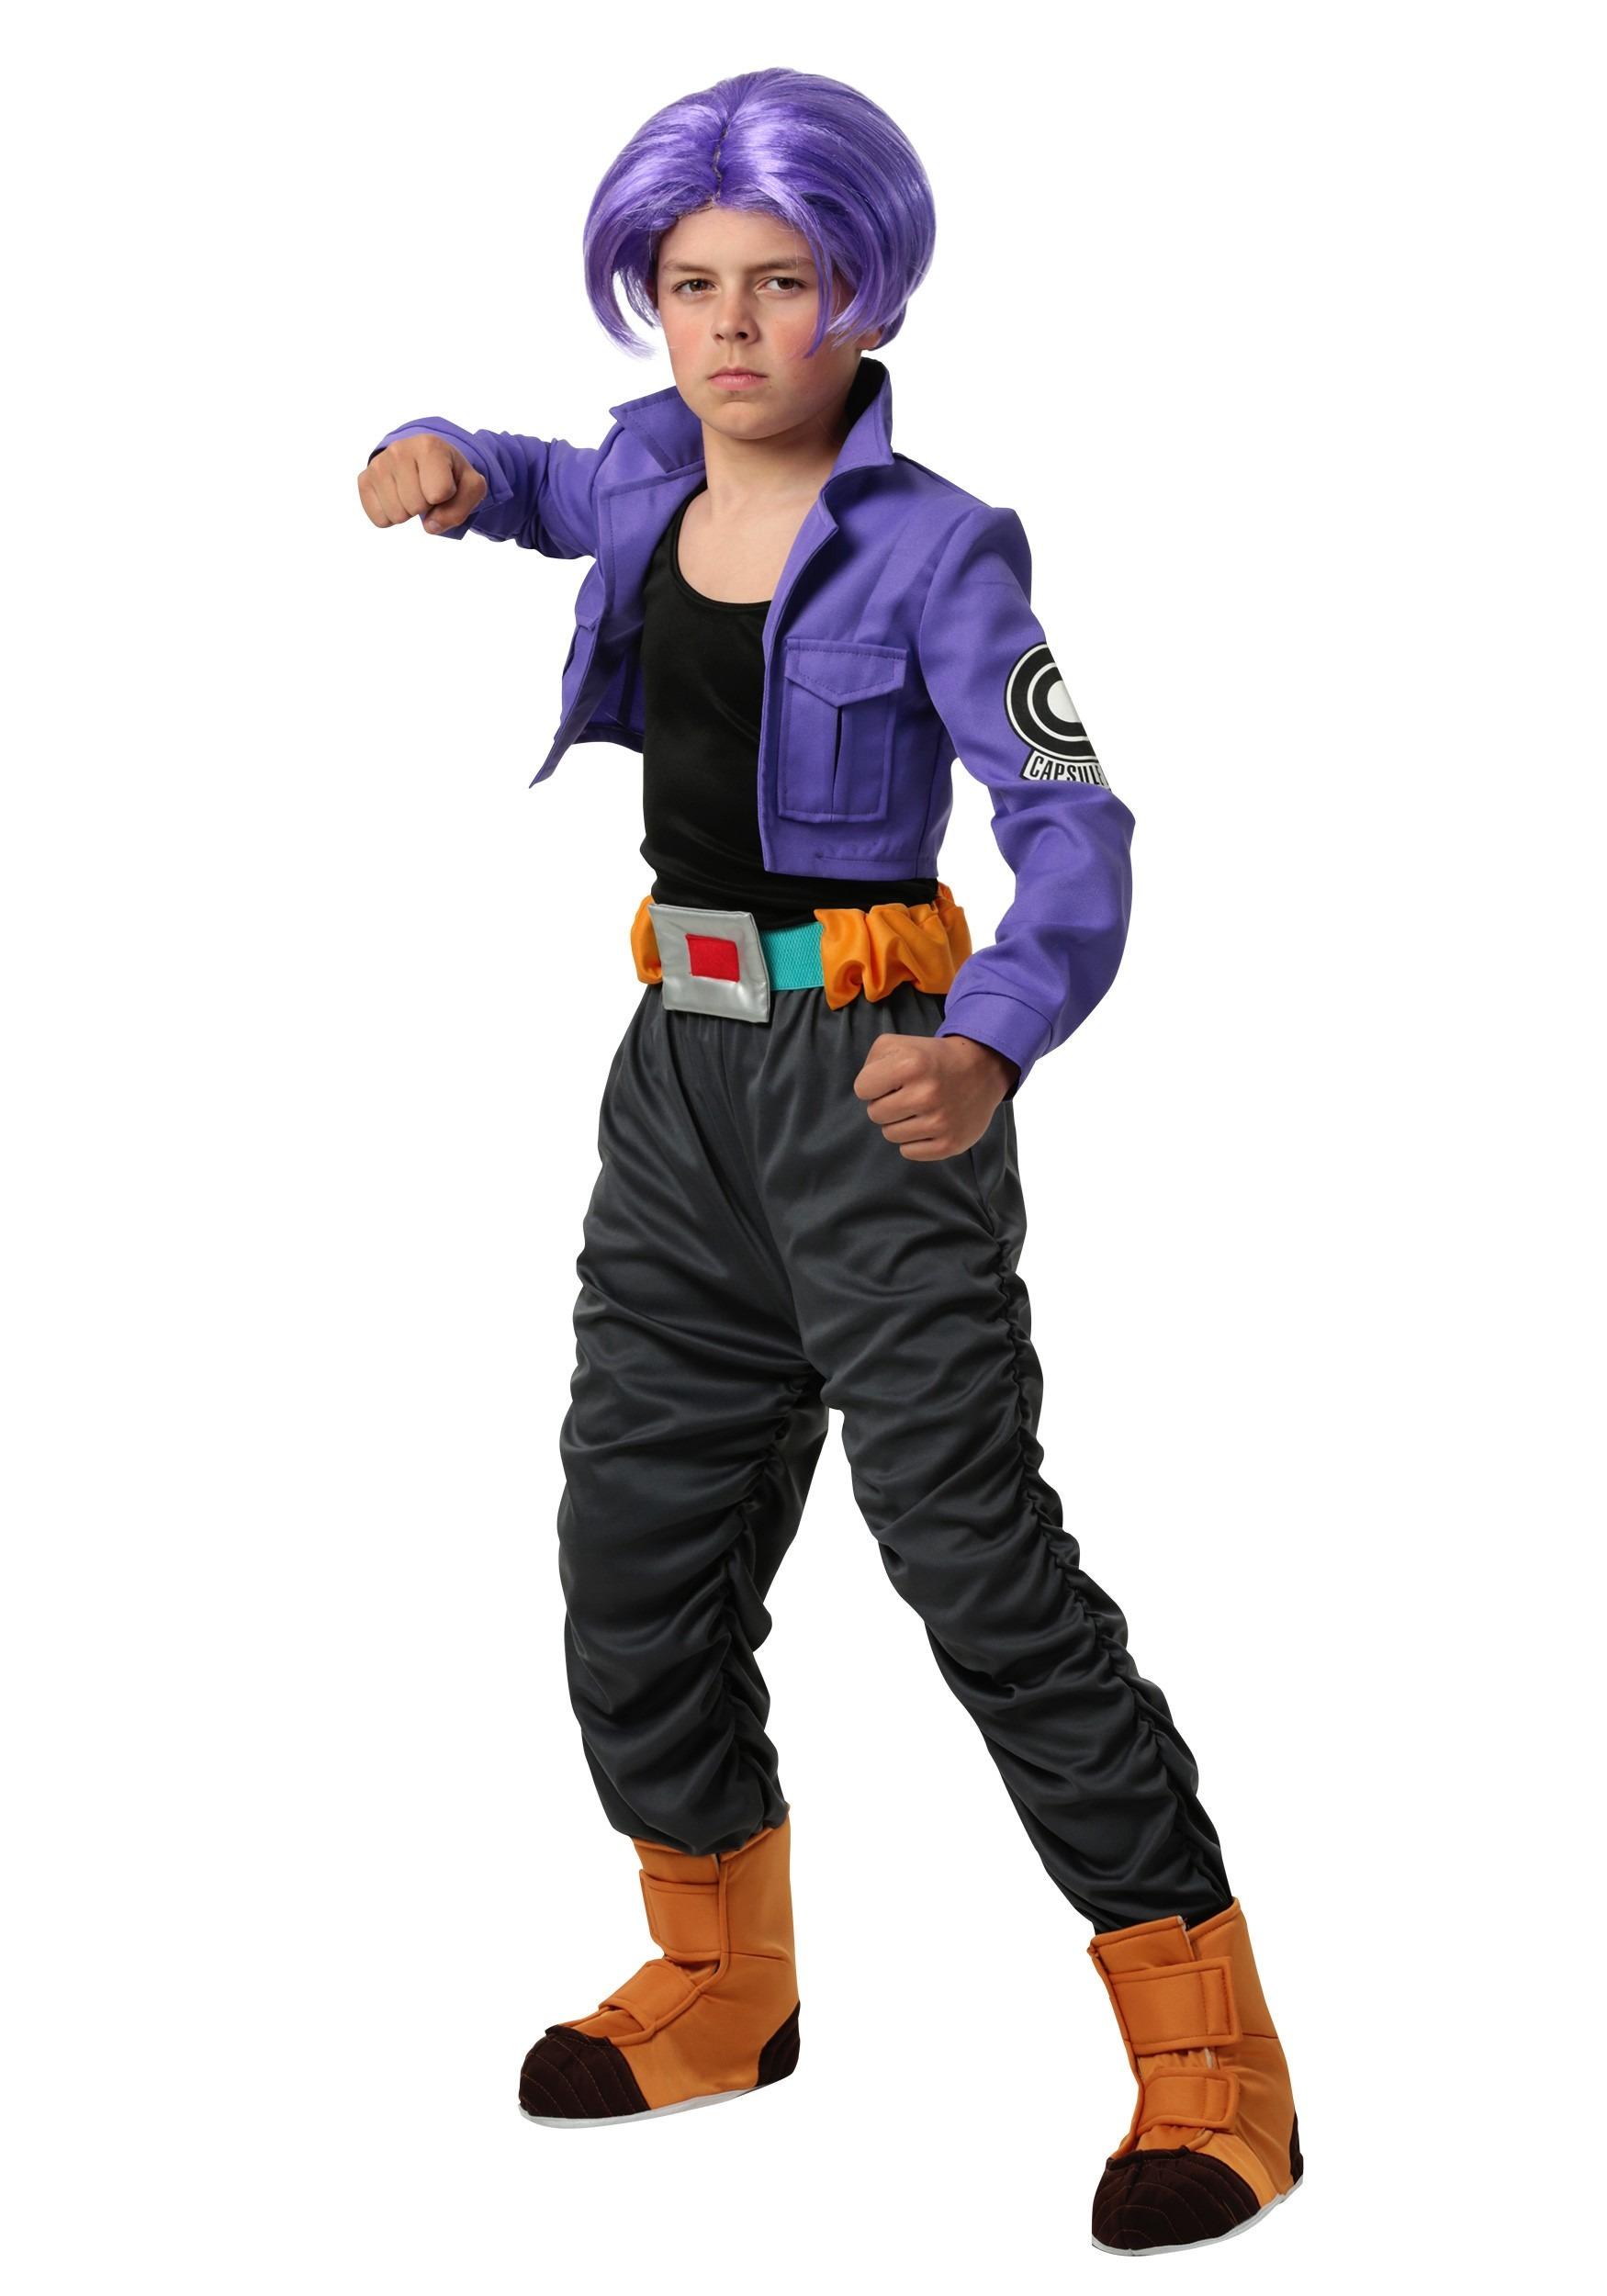 Dragon Ball Z Trunks Costume for Kids